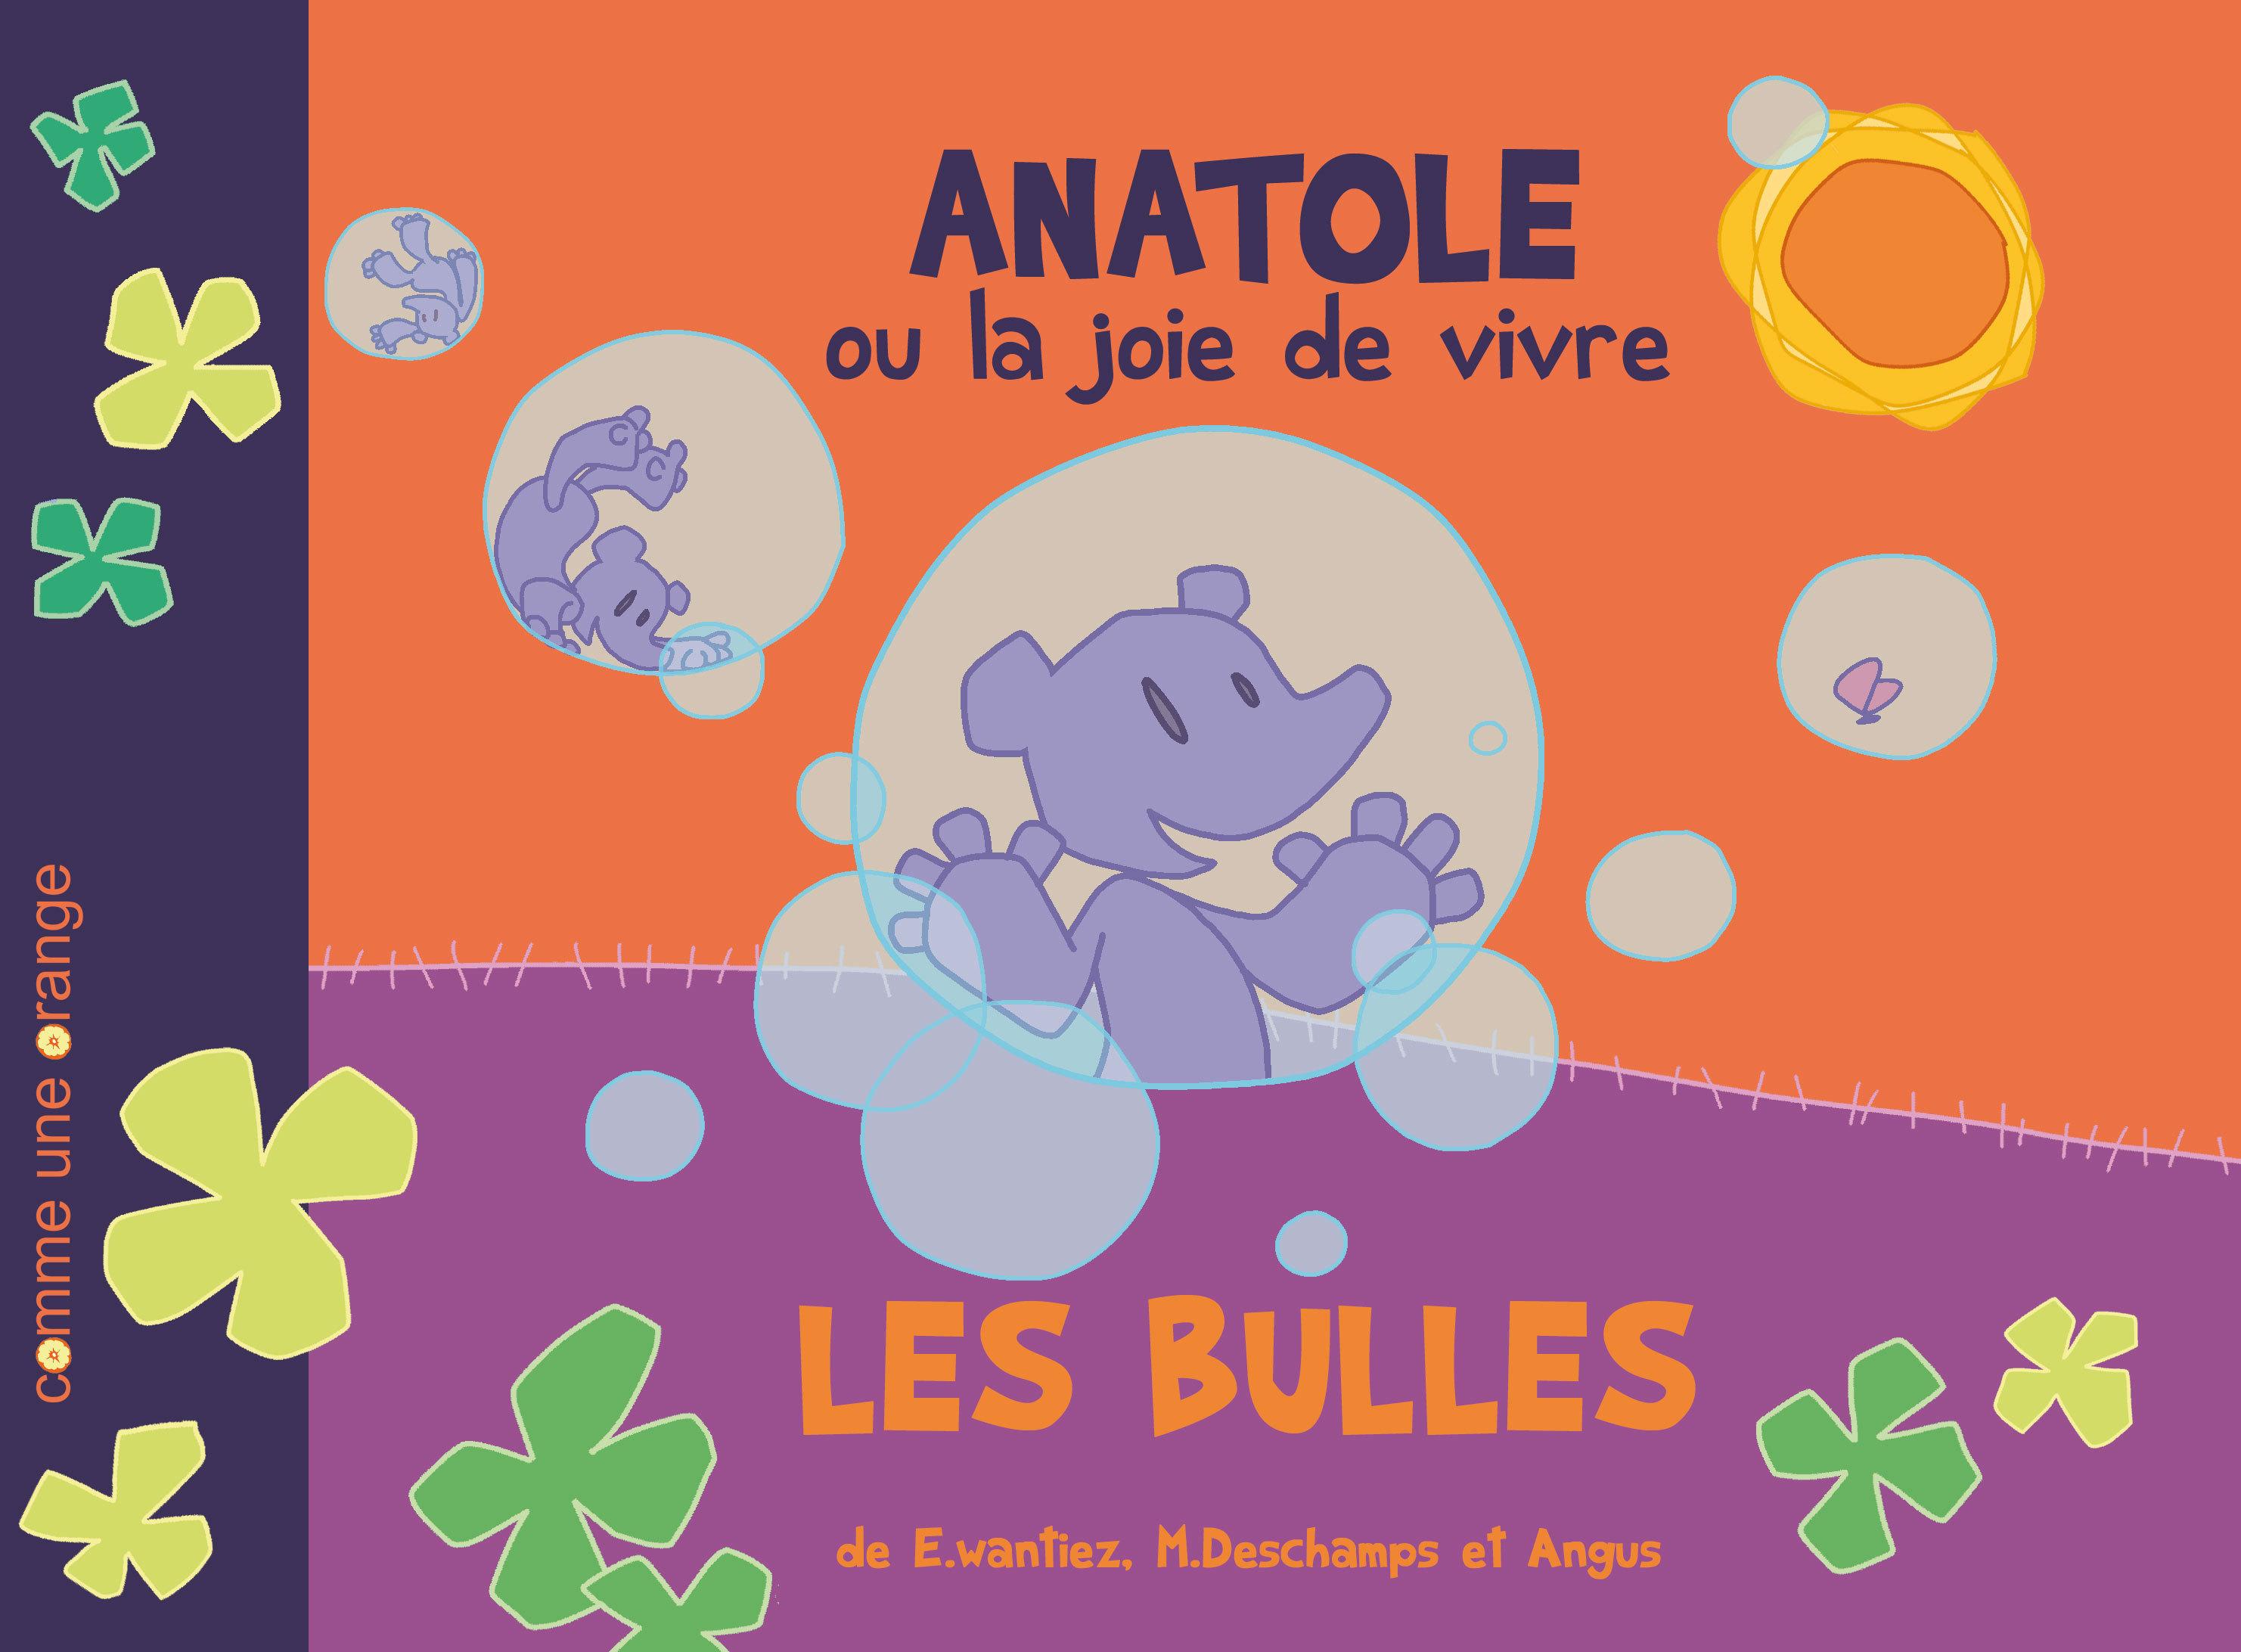 ANATOLE OU LA JOIE DE VIVRE : LES BULLES